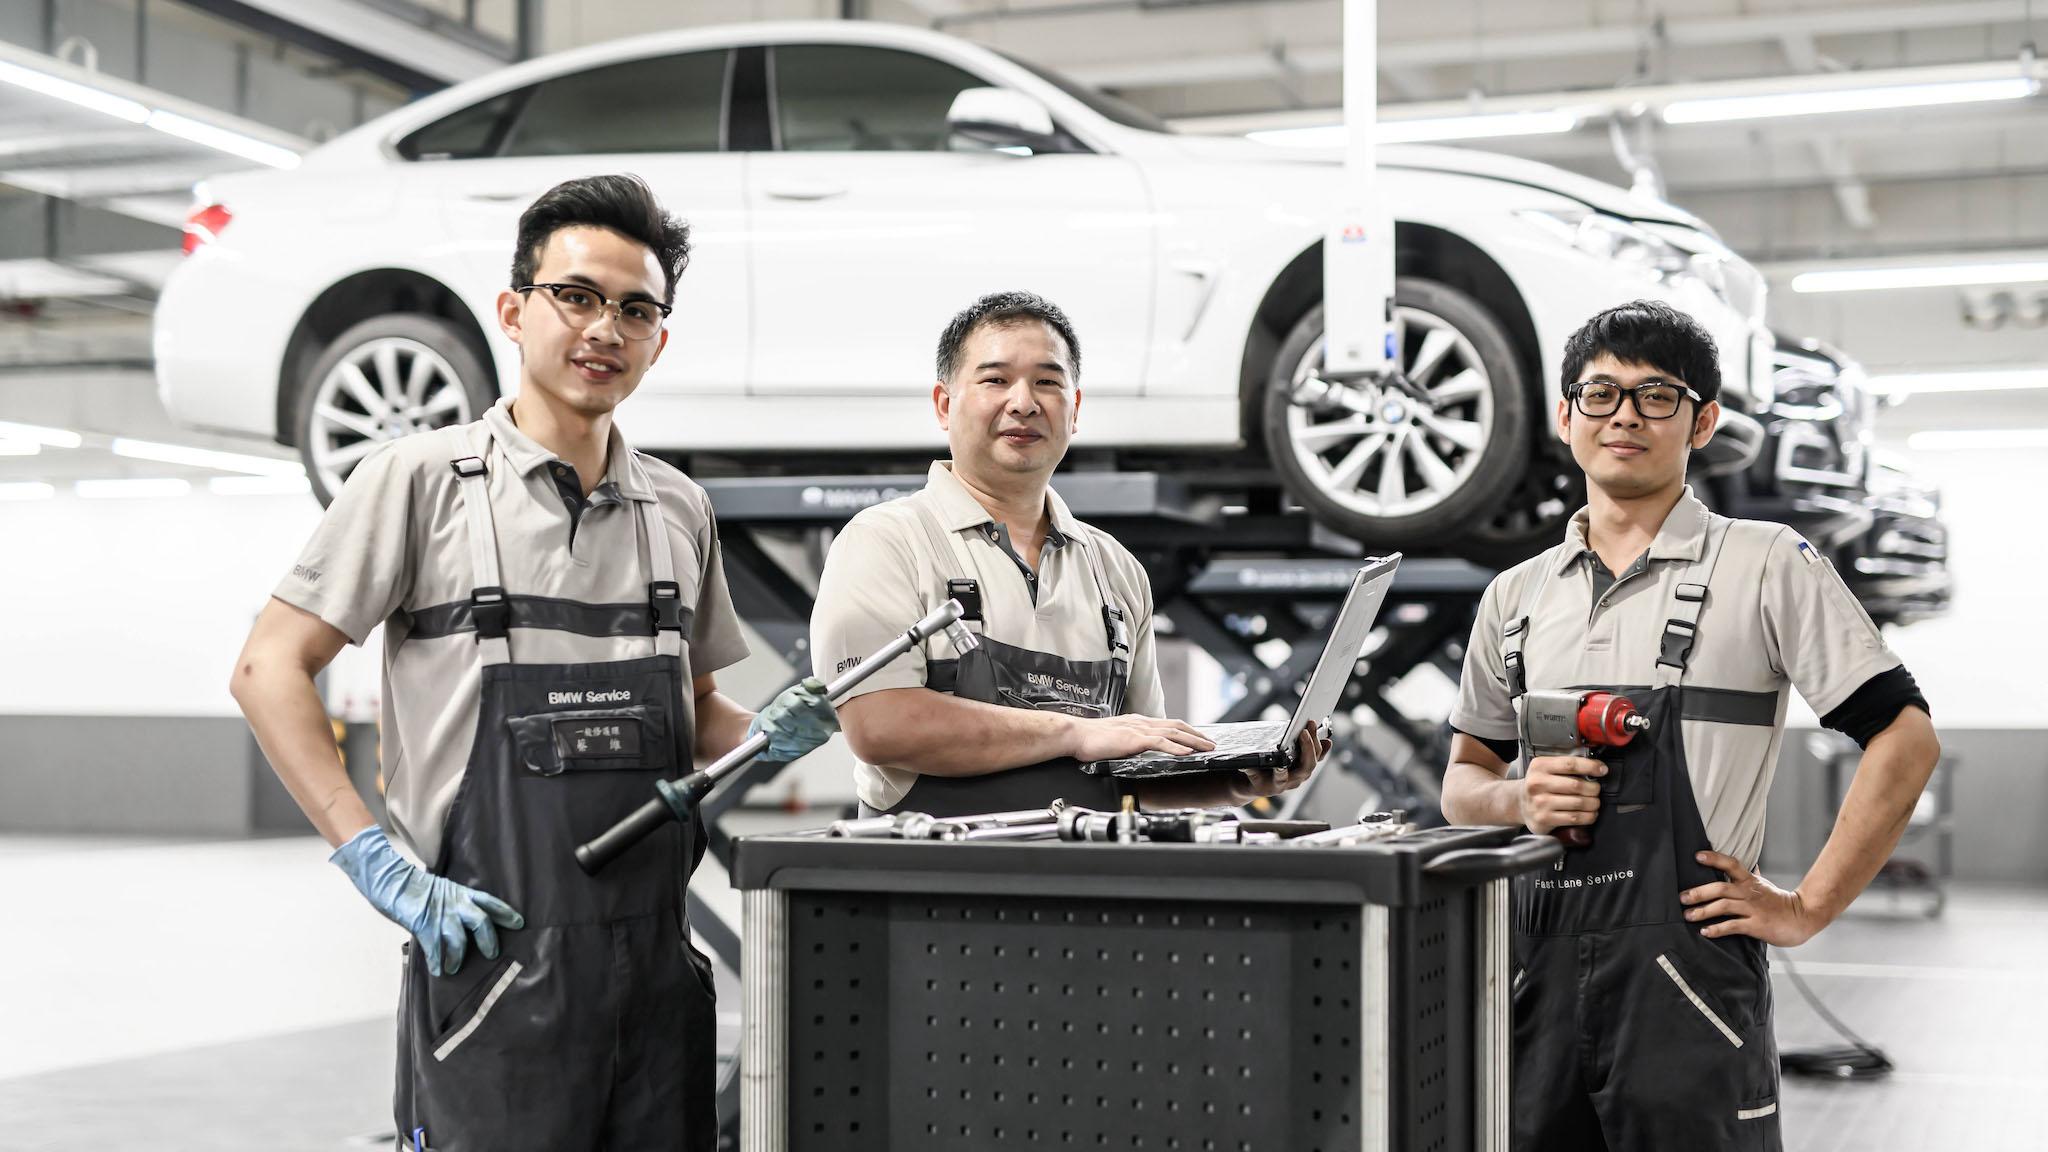 【持續更新】2021 年春節車廠營業資訊總整理